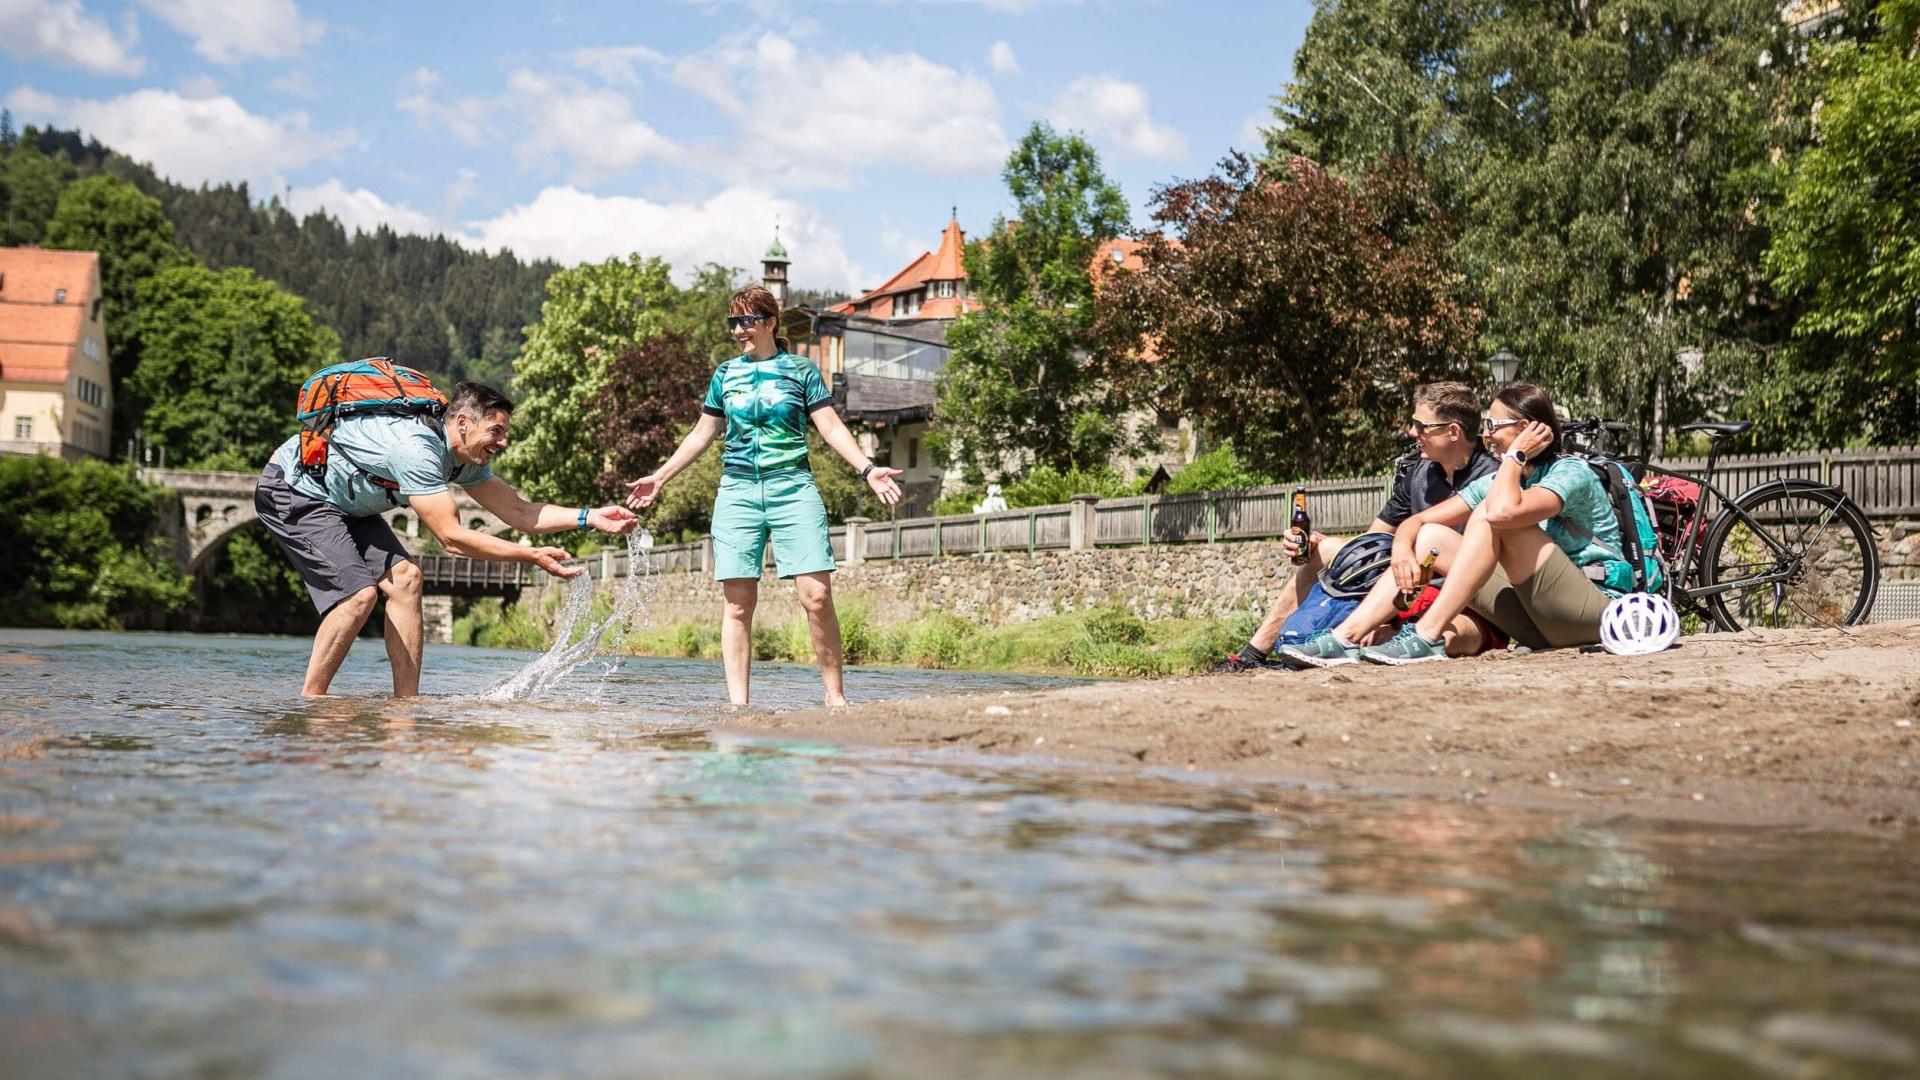 Gemütliche Pause am Fluss © Velontour